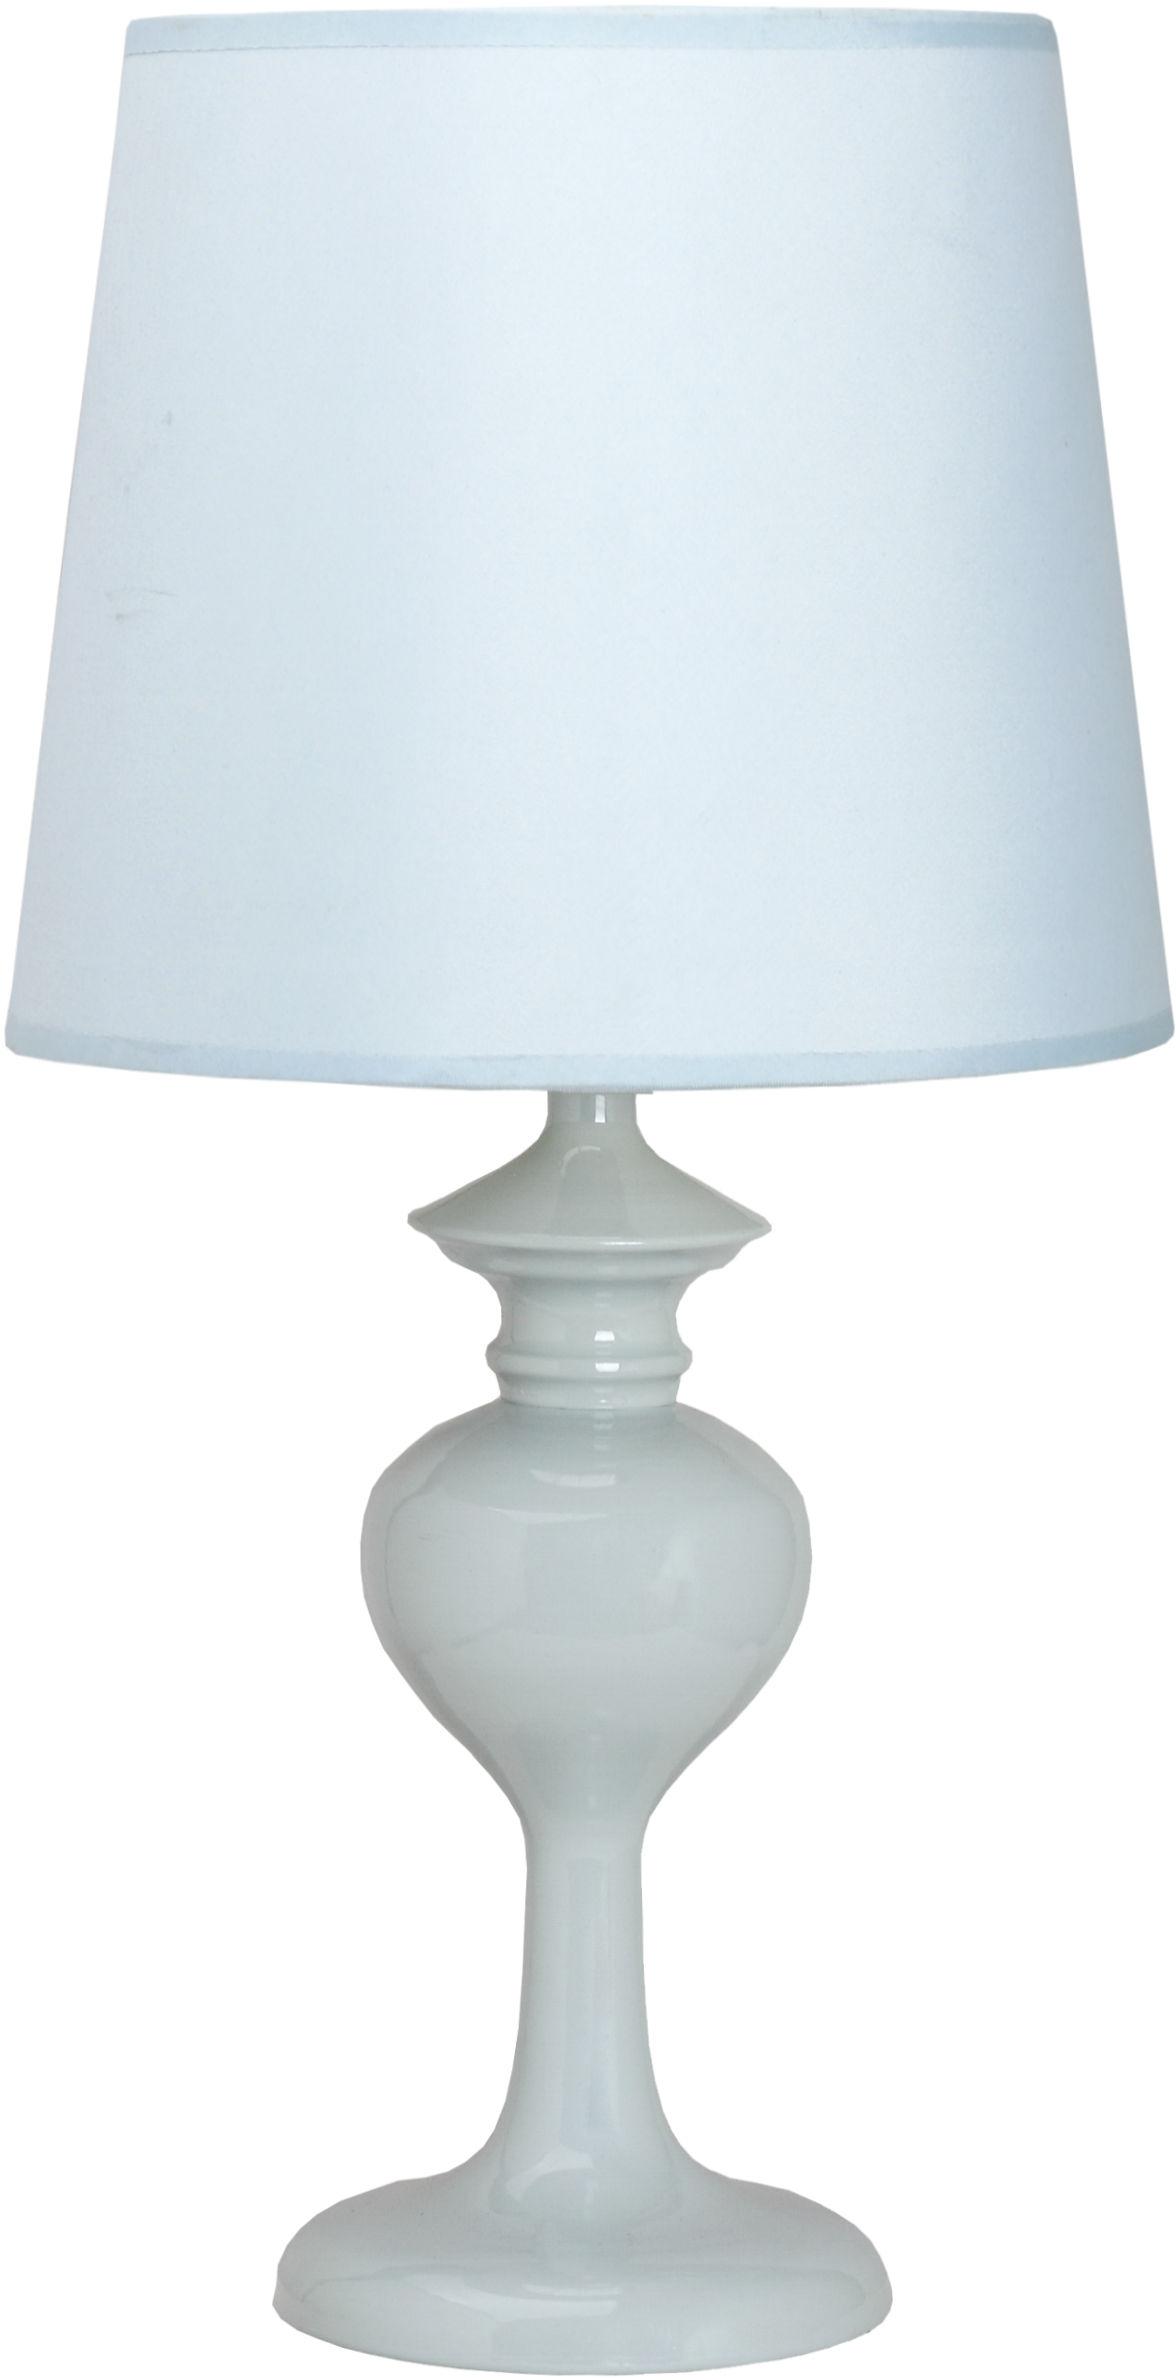 Candellux BERKANE 41-11749 lampa stołowa błękitna abażur 1X40W E14 20 cm